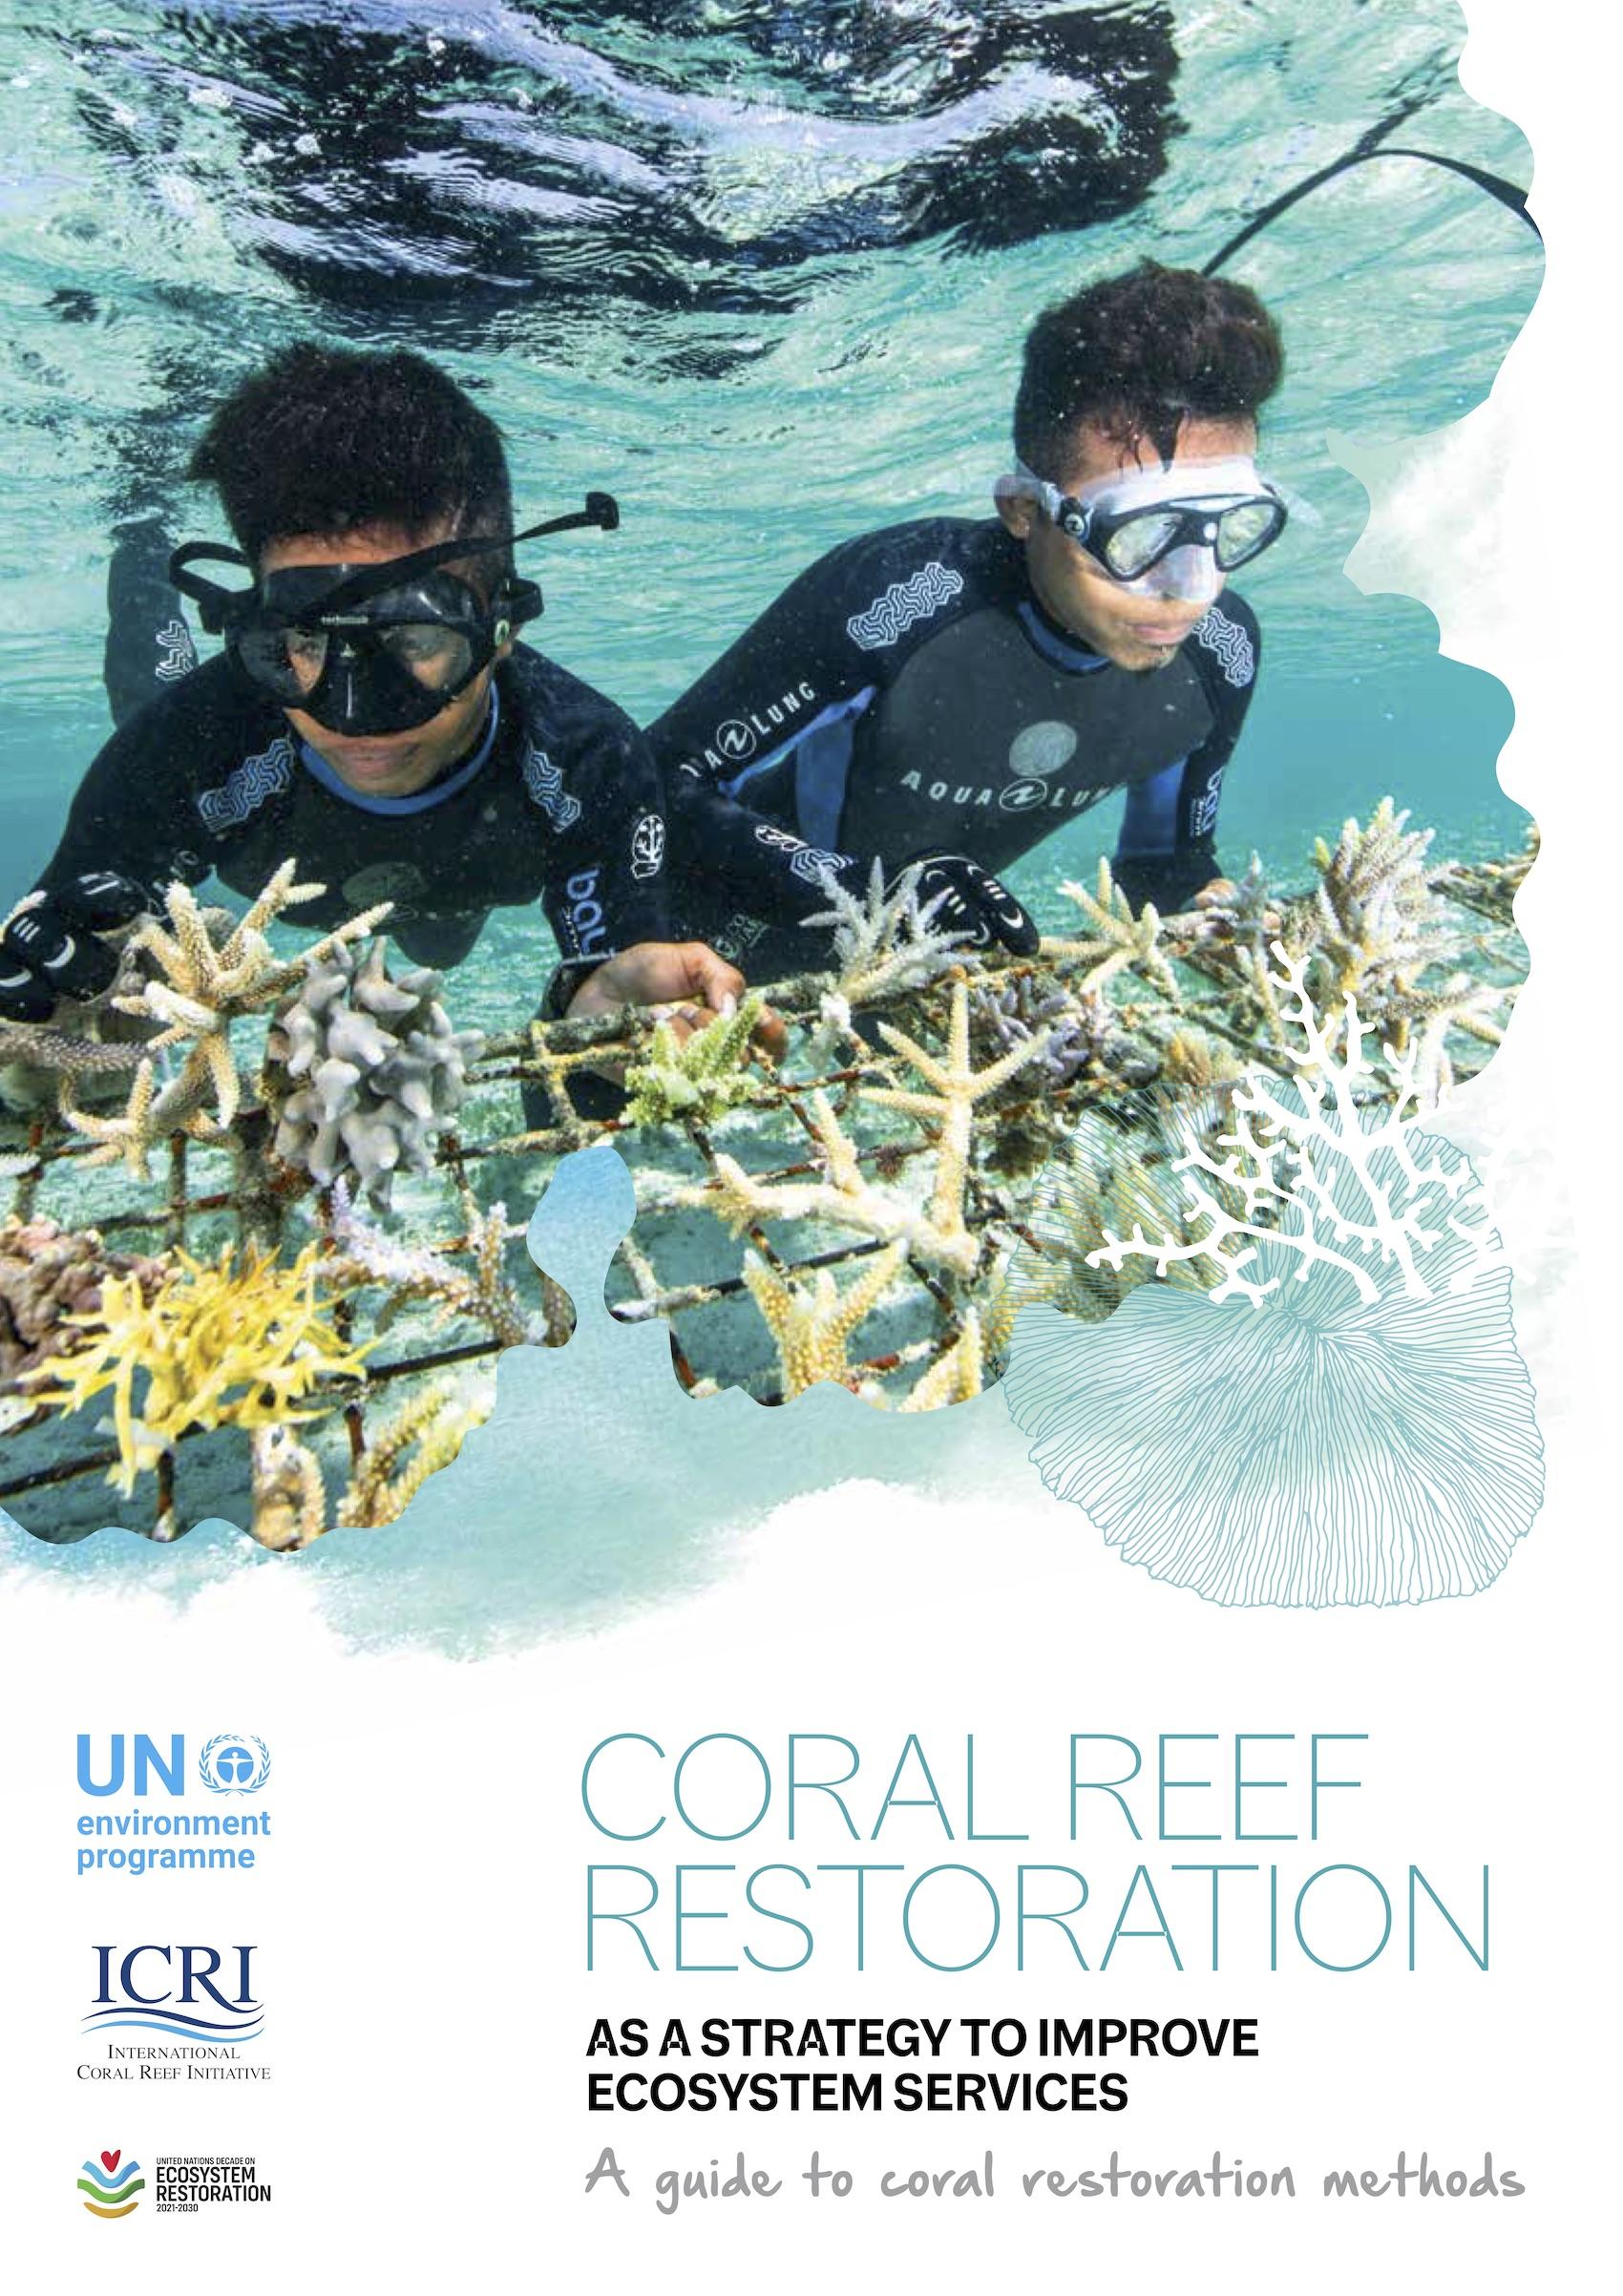 La restauración de los arrecifes: una guía sobre el método de restauración de los corales